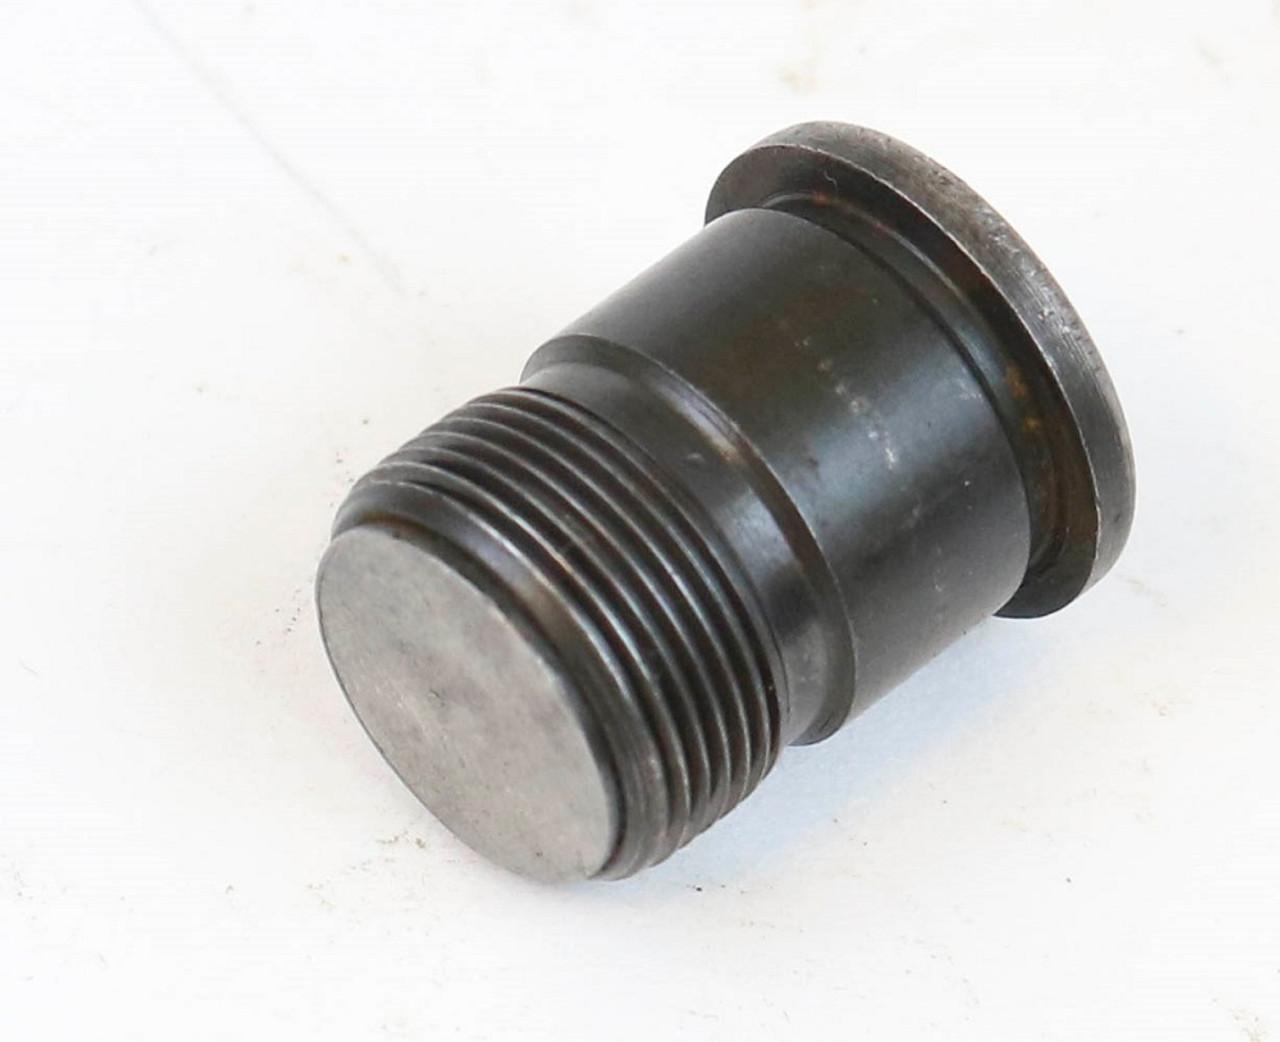 """M1 Garand Gas Cylinder Lock Screw """"T PAX"""" Marked Post W2"""